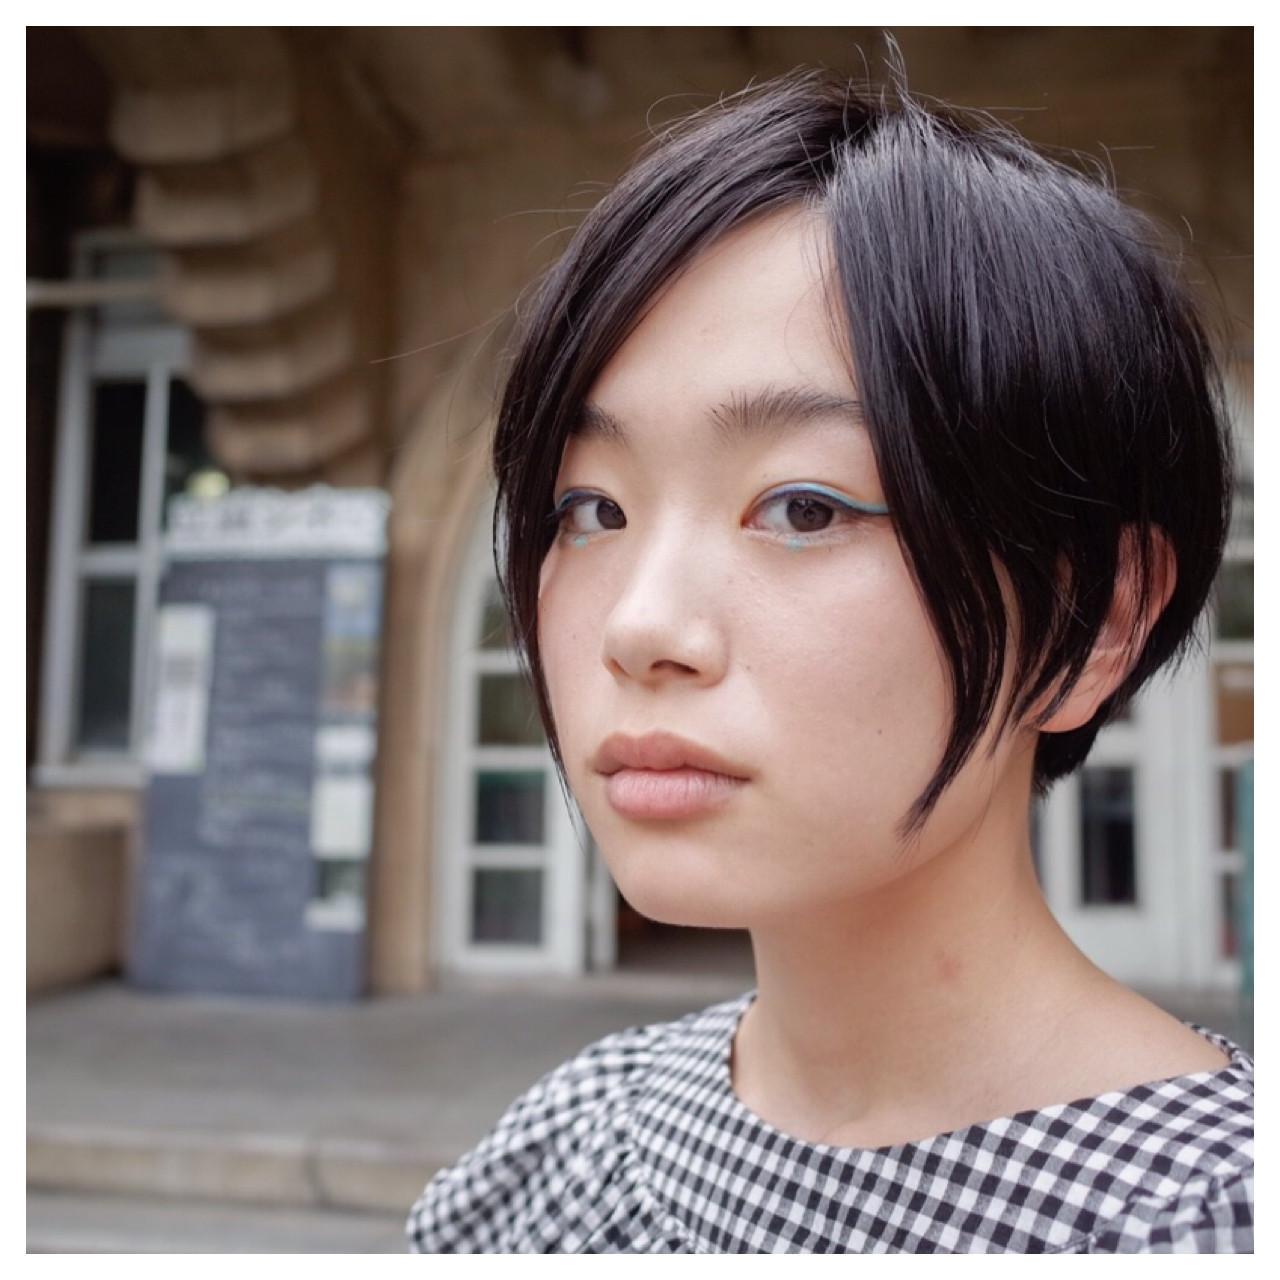 クールにきまる前下がりアシメスタイル Emiko Nakanishi